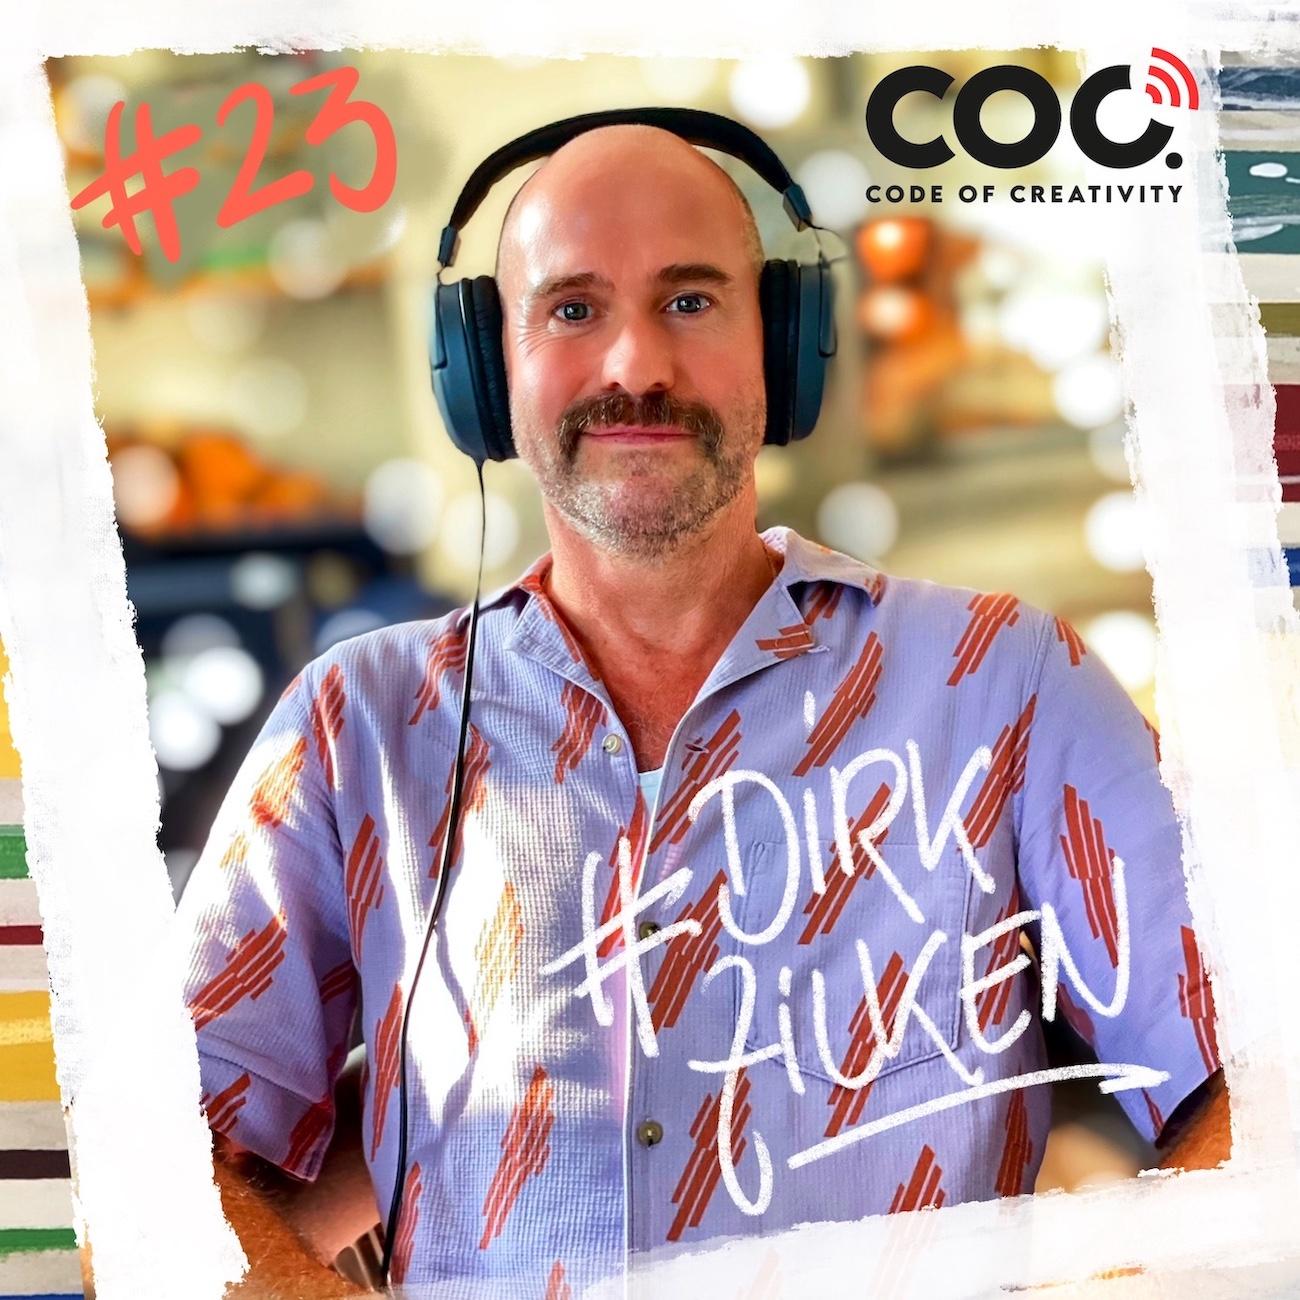 #23 Dirk Zilken - Mode und Kostümdesigner - feiner Mensch und kreativer Geist